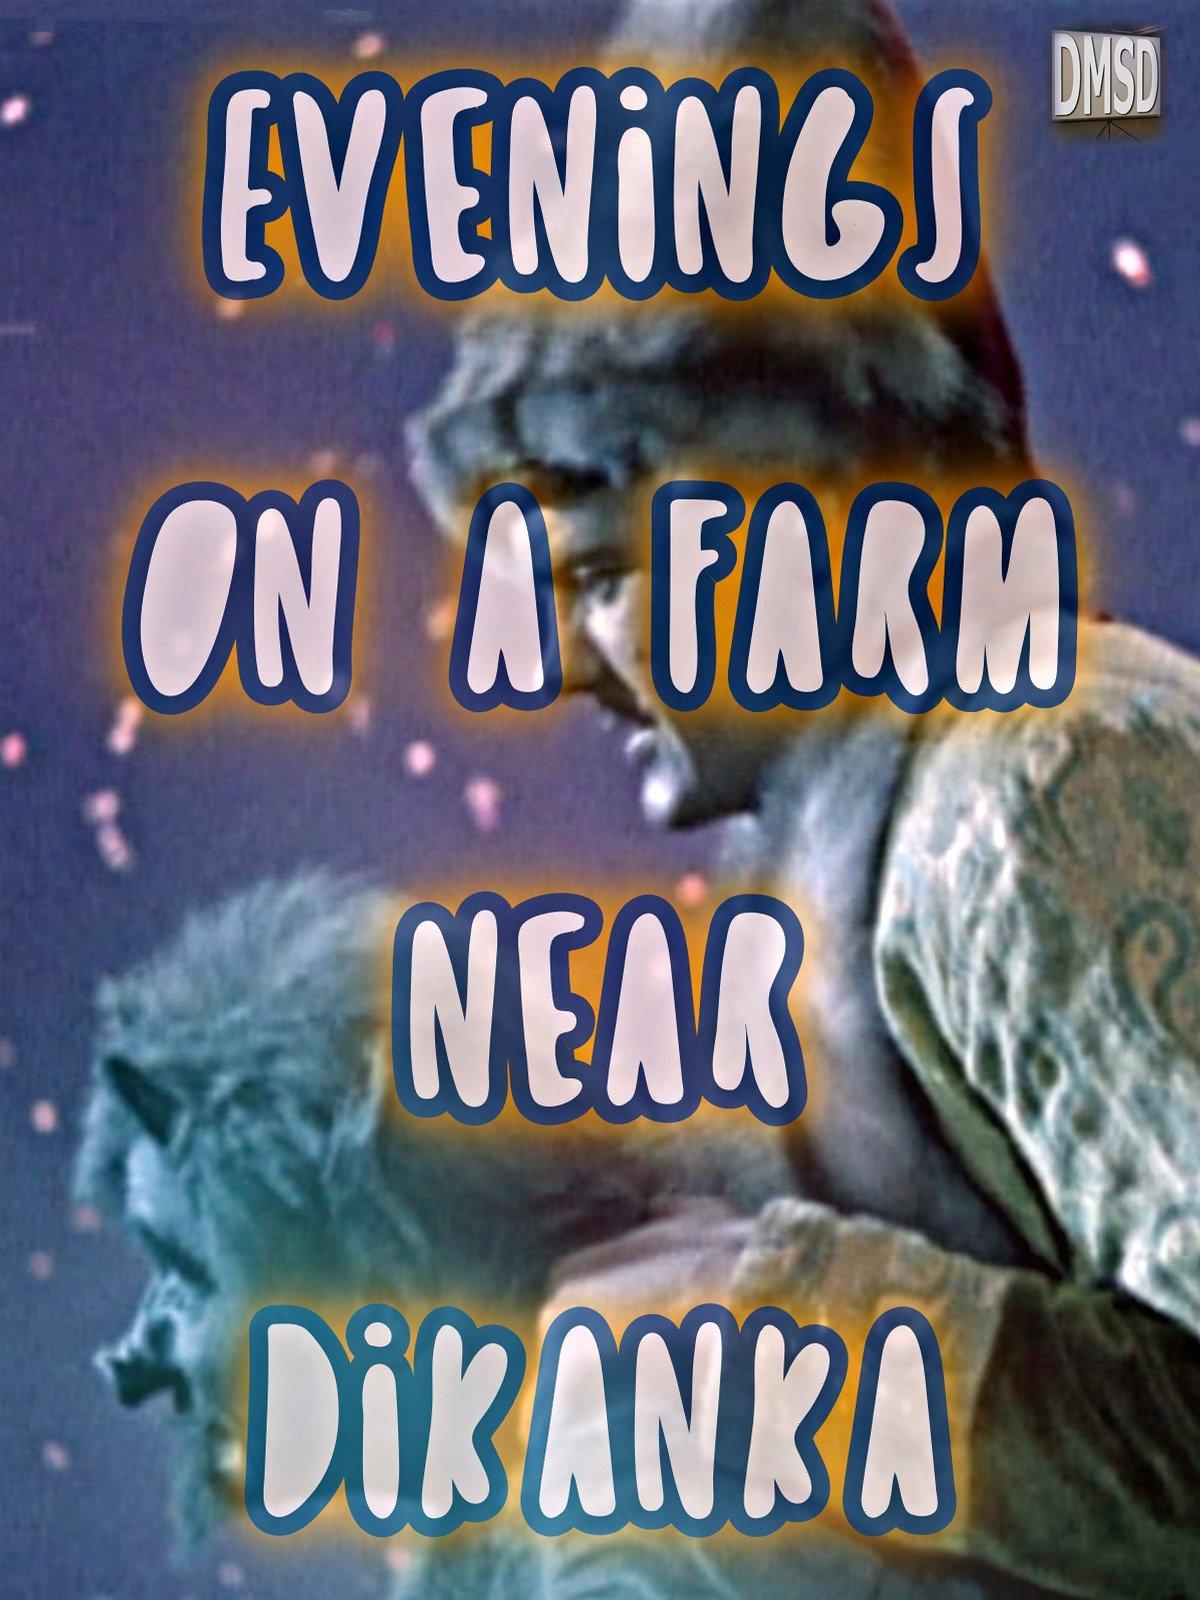 Evenings on a Farm near Dikanka